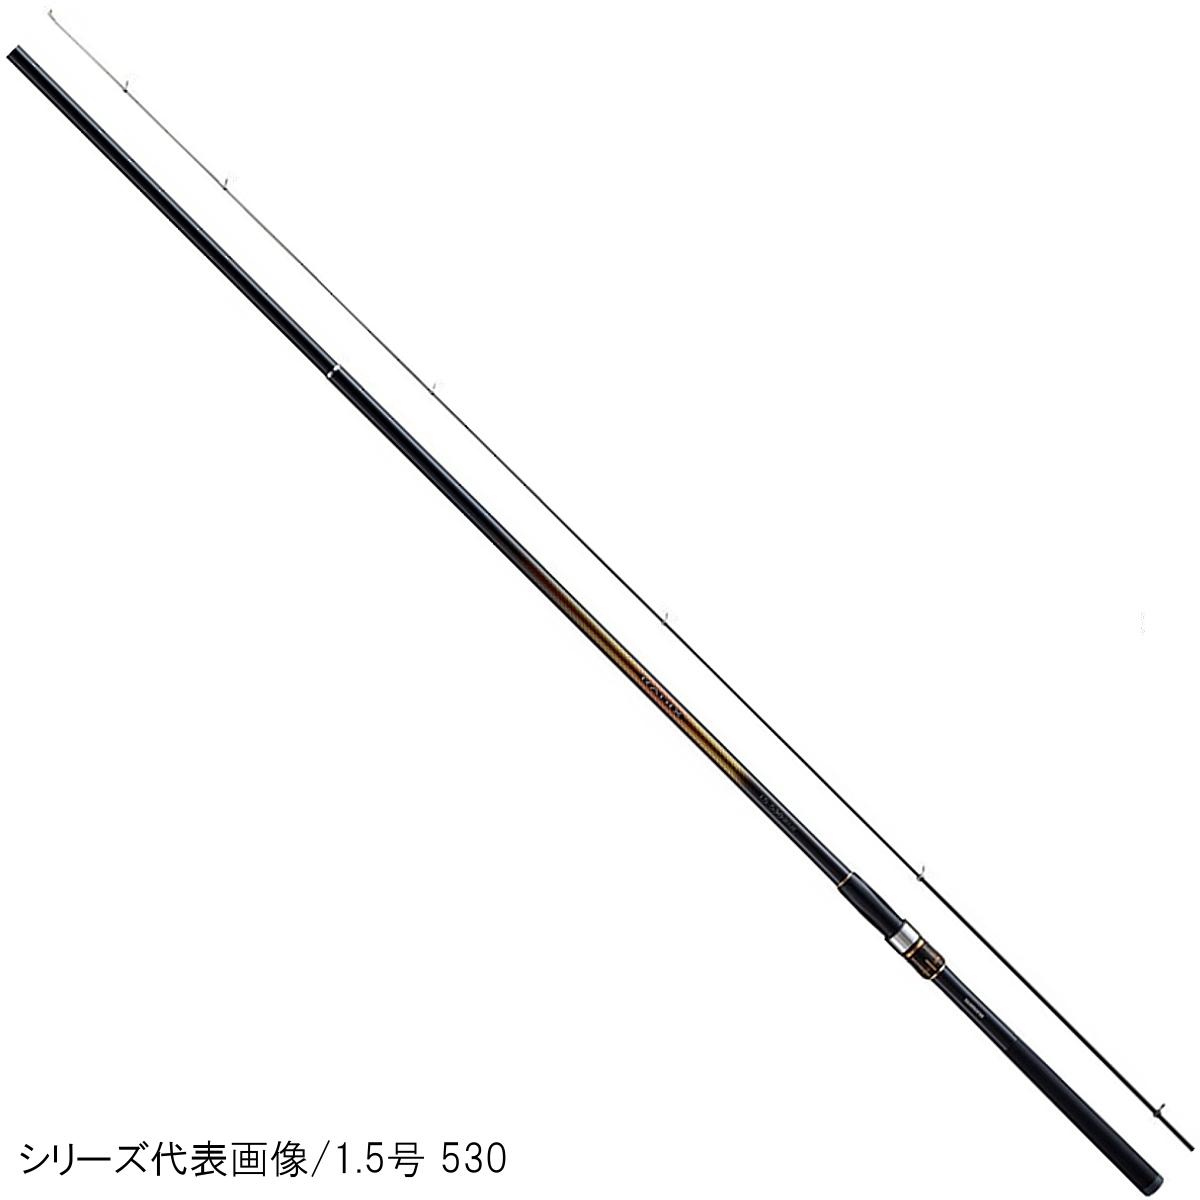 シマノ ラディックス 2号 530【送料無料】